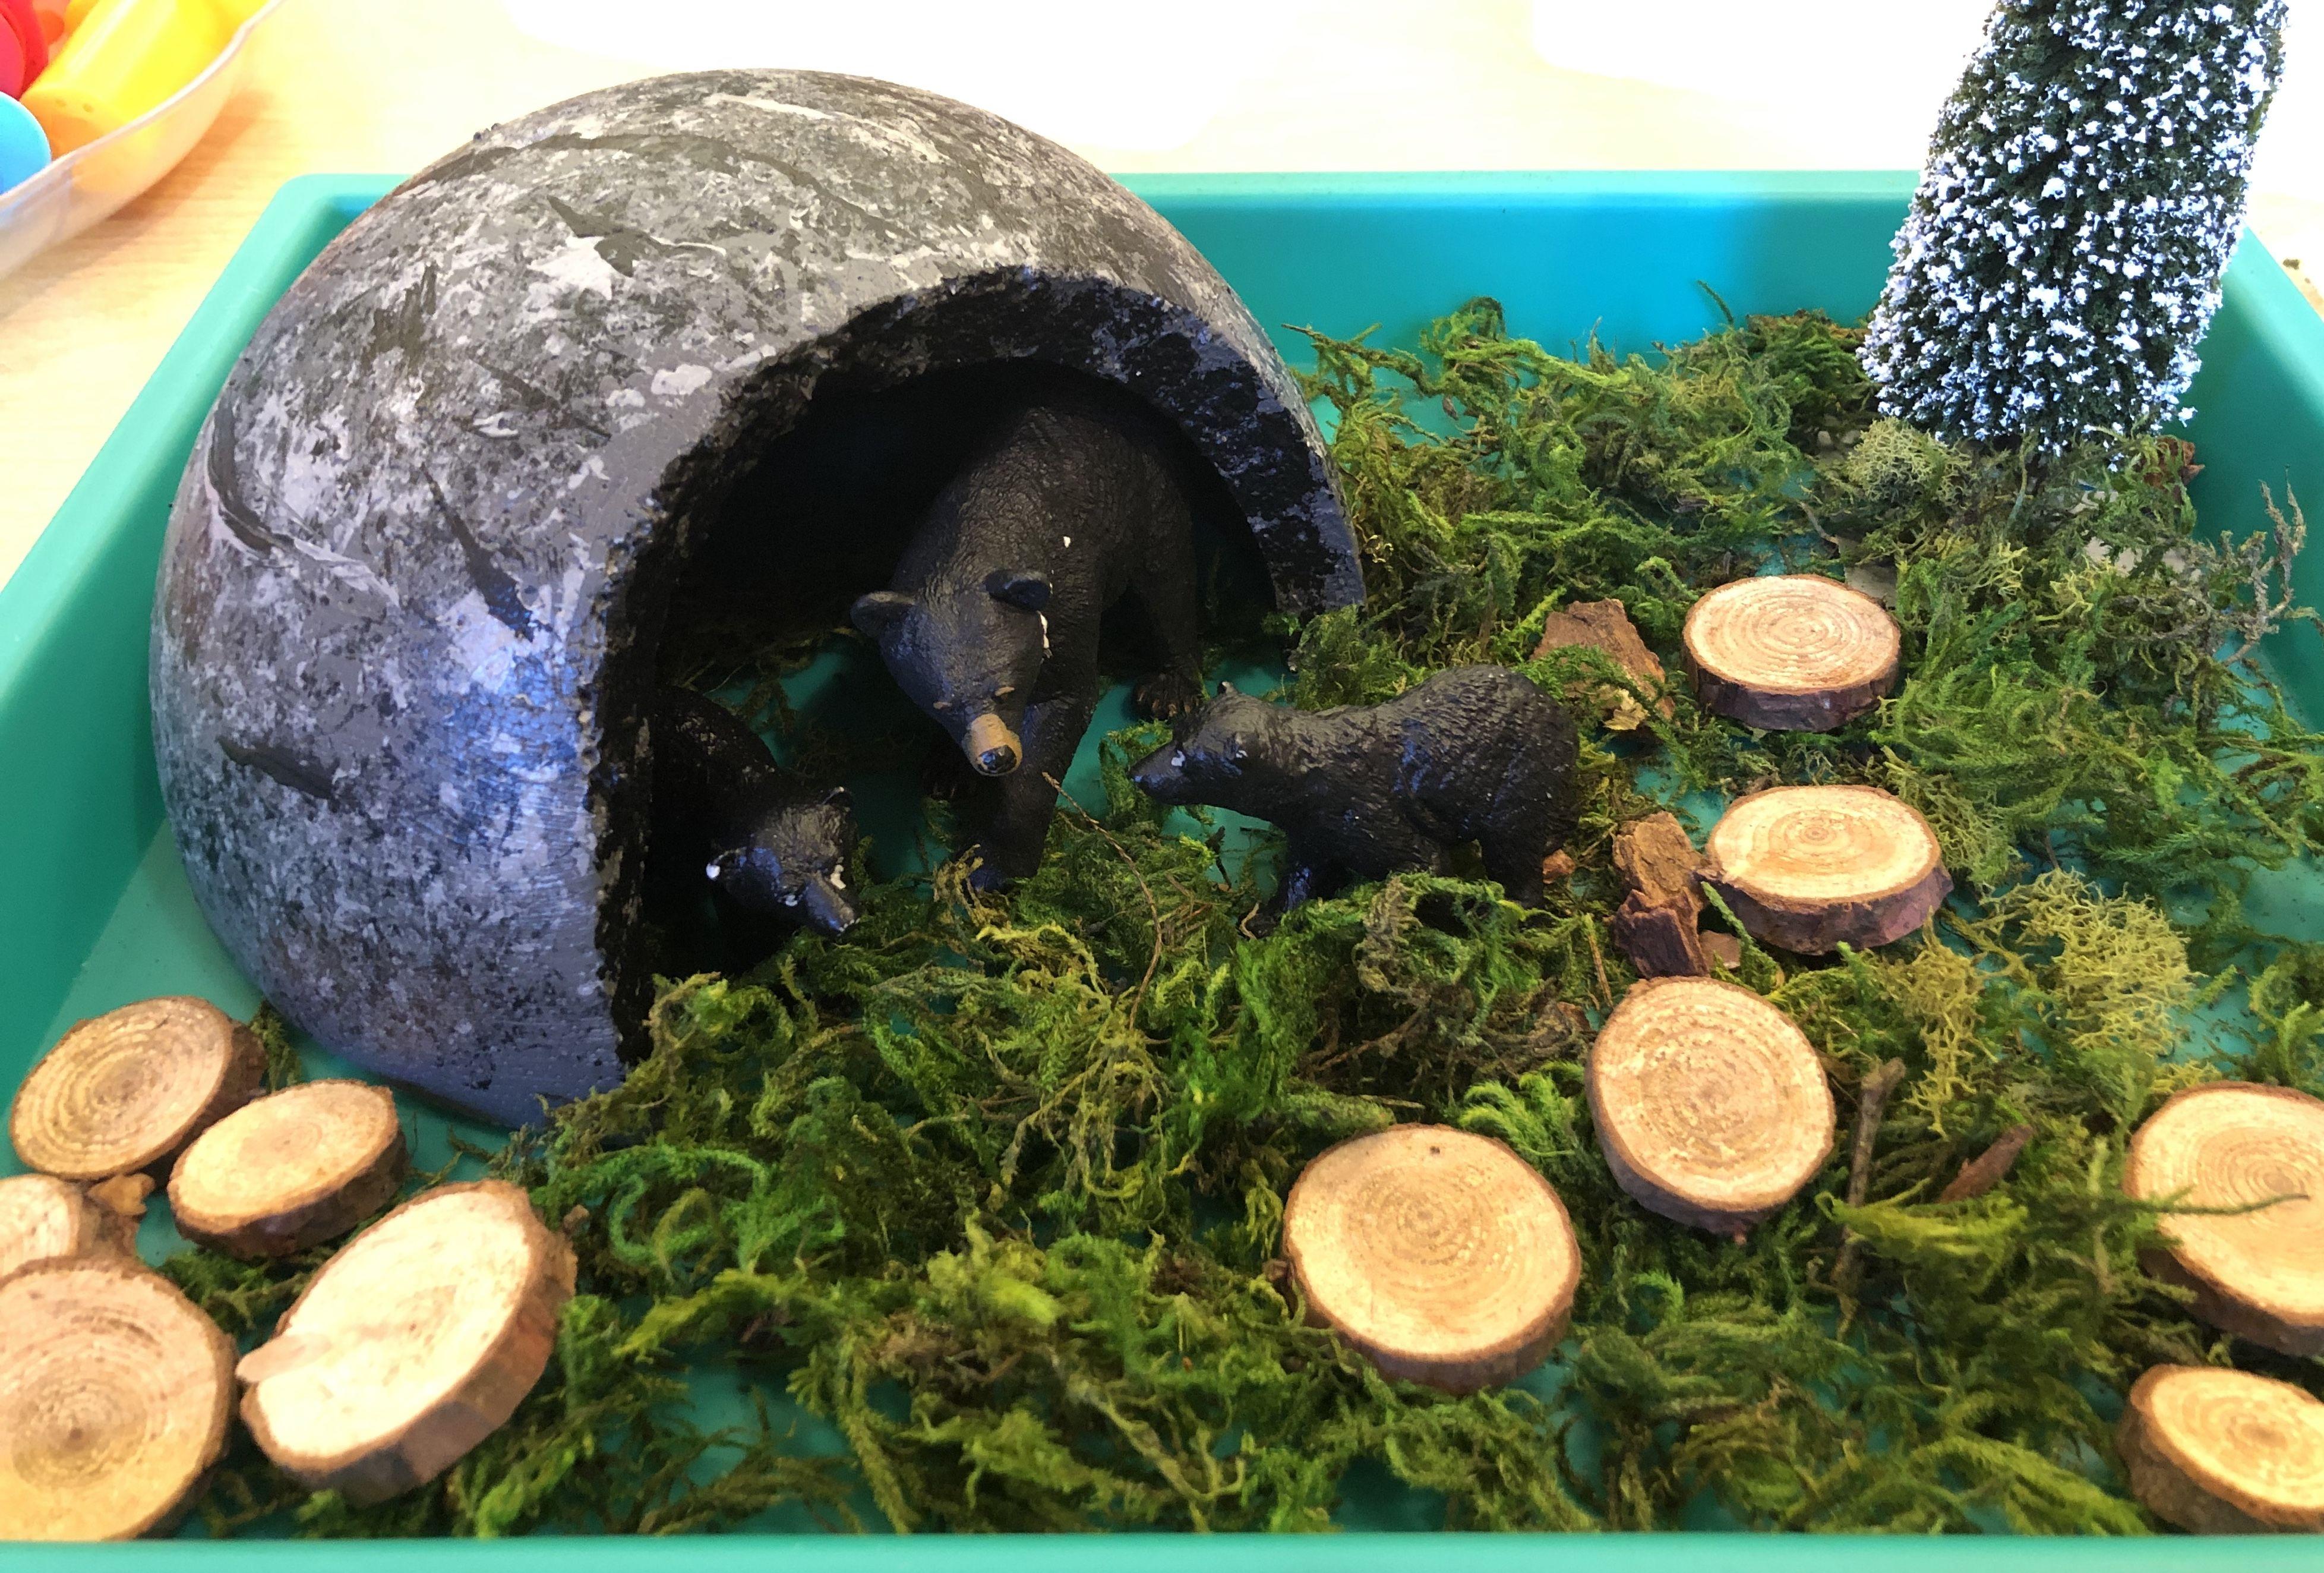 Preschool Hibernation Play Set Cave Is A Styrofoam Circle